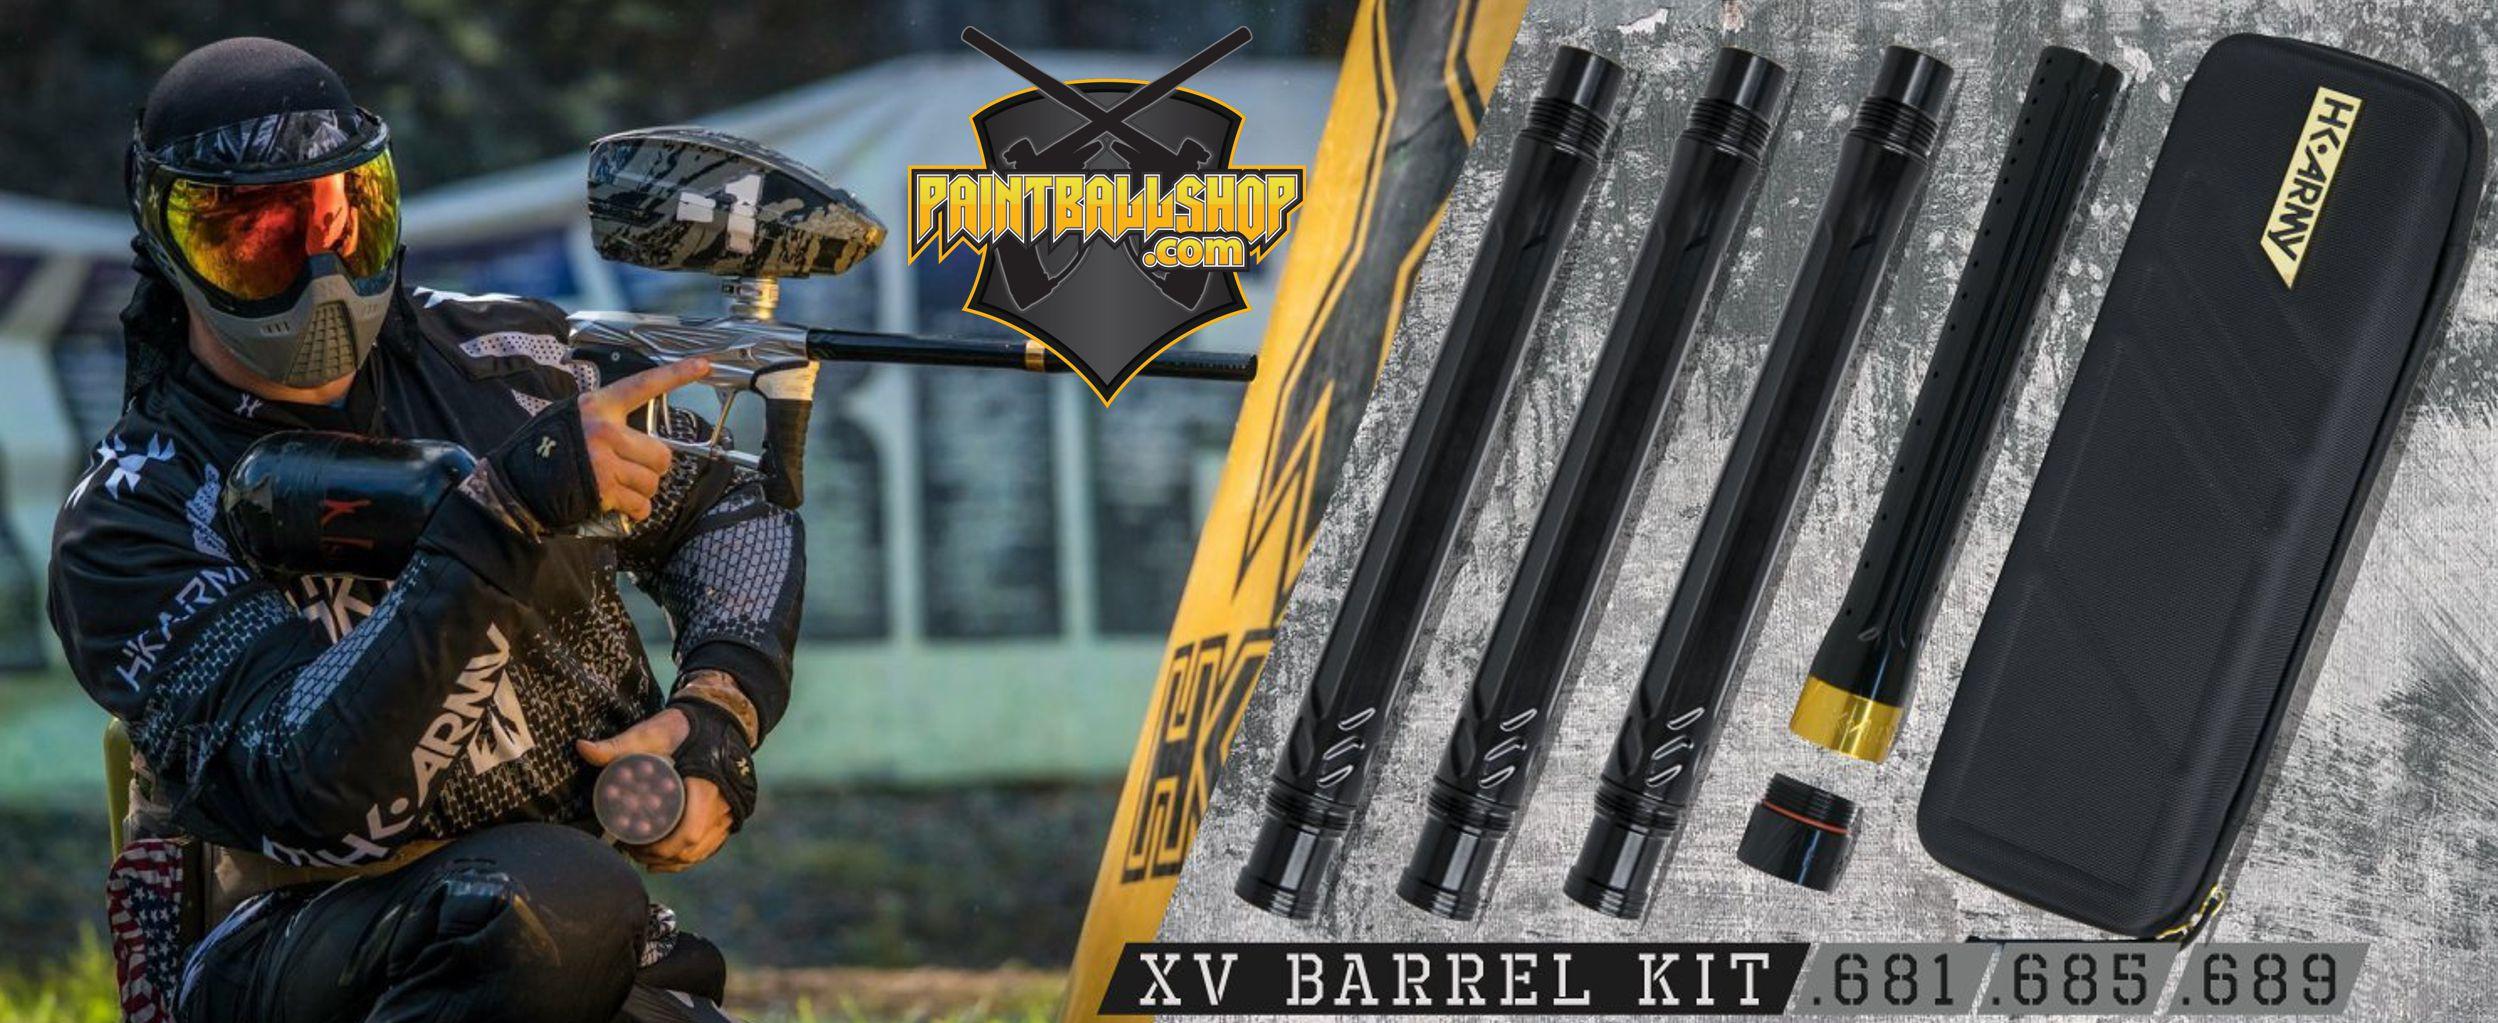 xv-barrel-kit.jpg